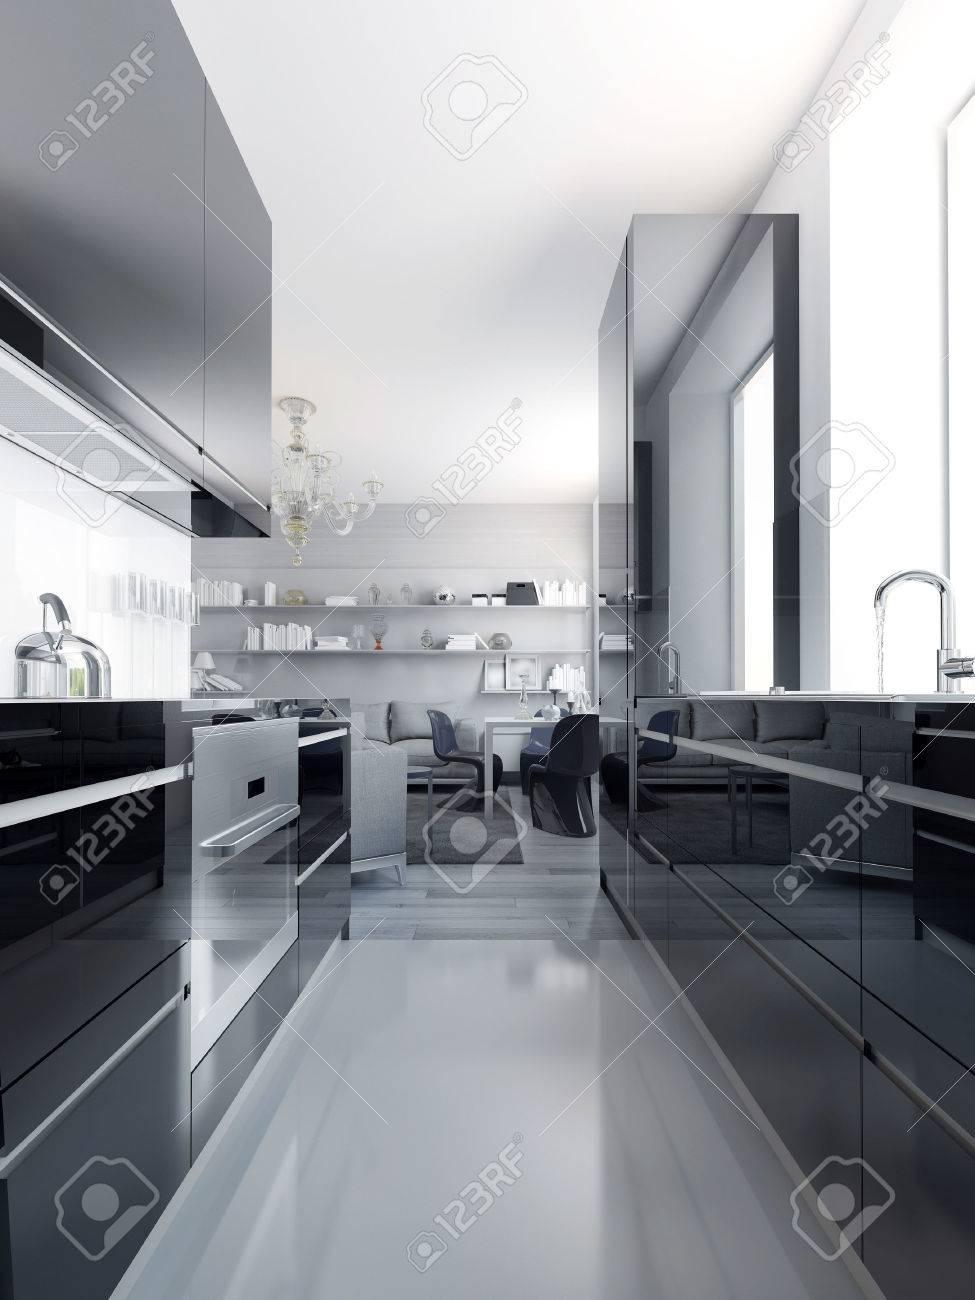 Groß Küche Lackfarben Weiß Schränke Schwarz Platten Ideen - Ideen ...